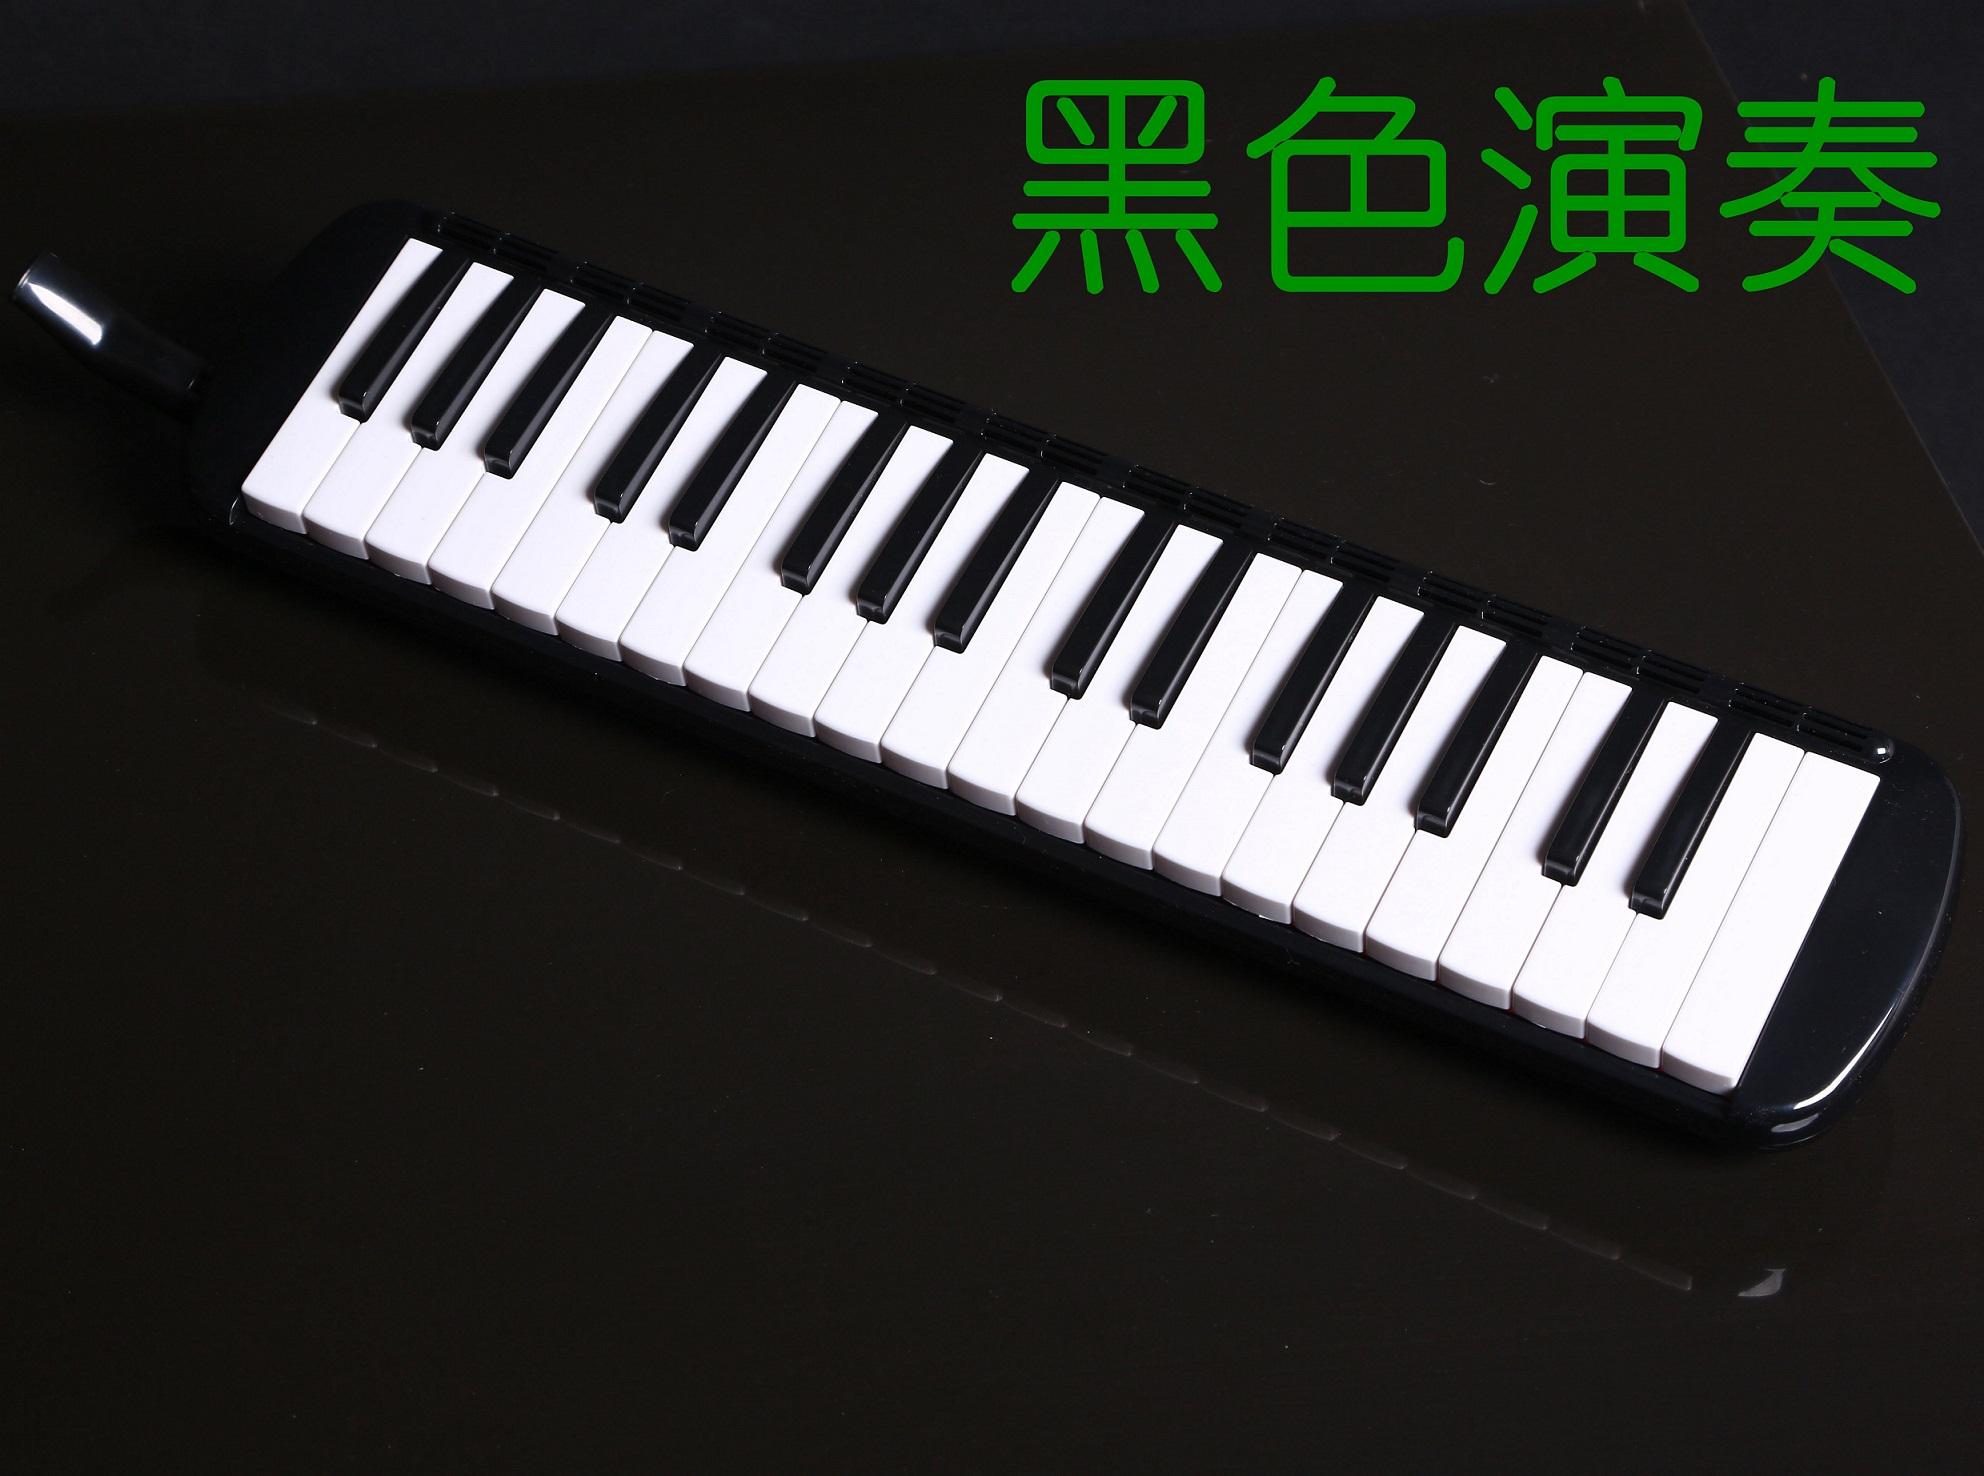 Черный Воспроизведение мелодии фортепиано 37 клавиш Фу Шиле рот дует фортепиано взрослых профессиональных музыкальных инструментов студентов детские Первоначально высокая старшеклассники Qin